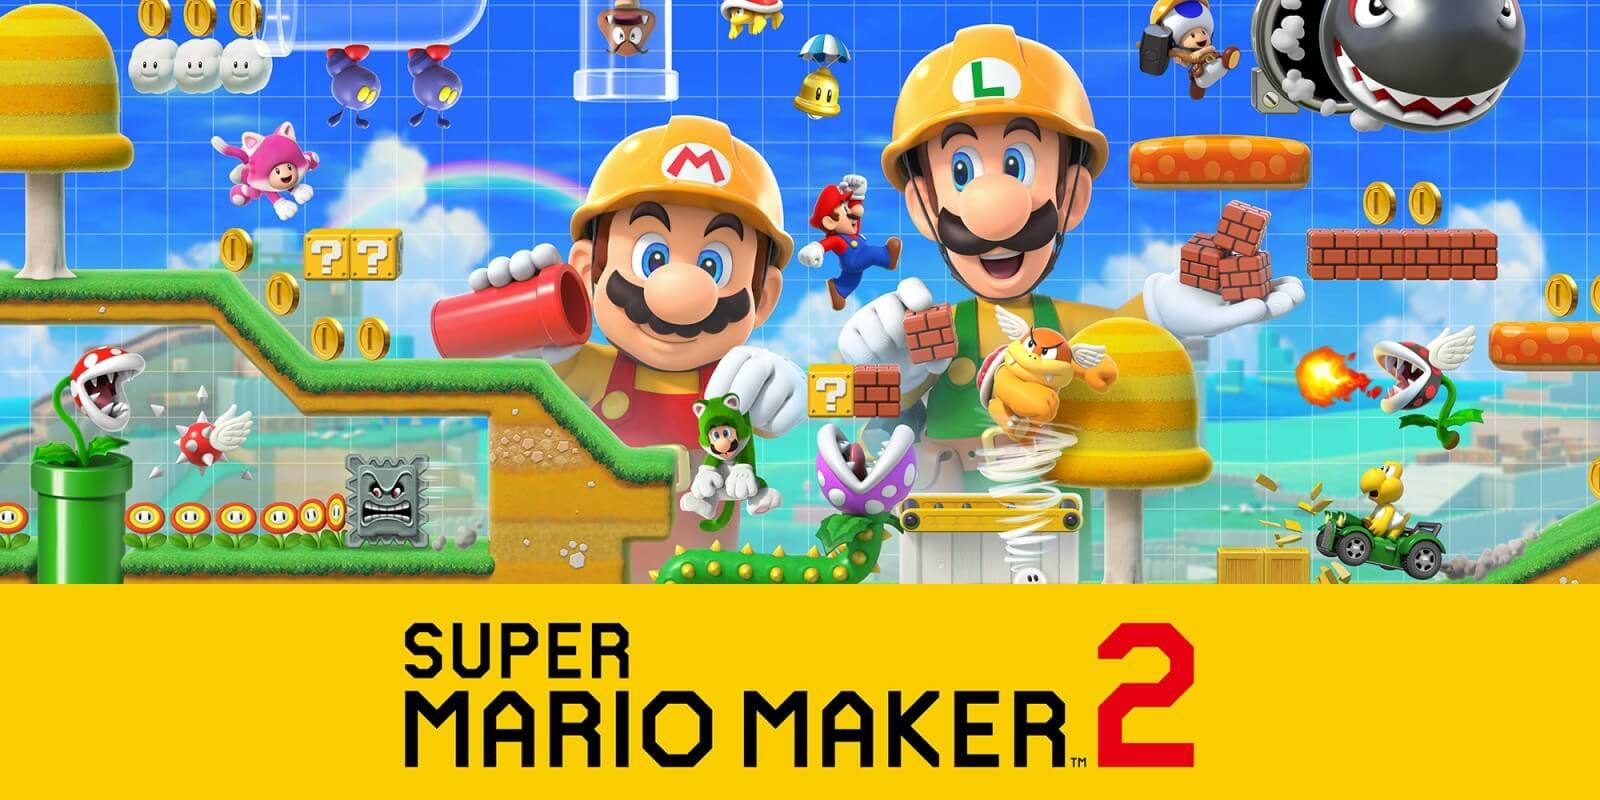 Foto de Super Mario Maker 2 teve muitas novidades confirmadas, incluindo modo história e multiplayer